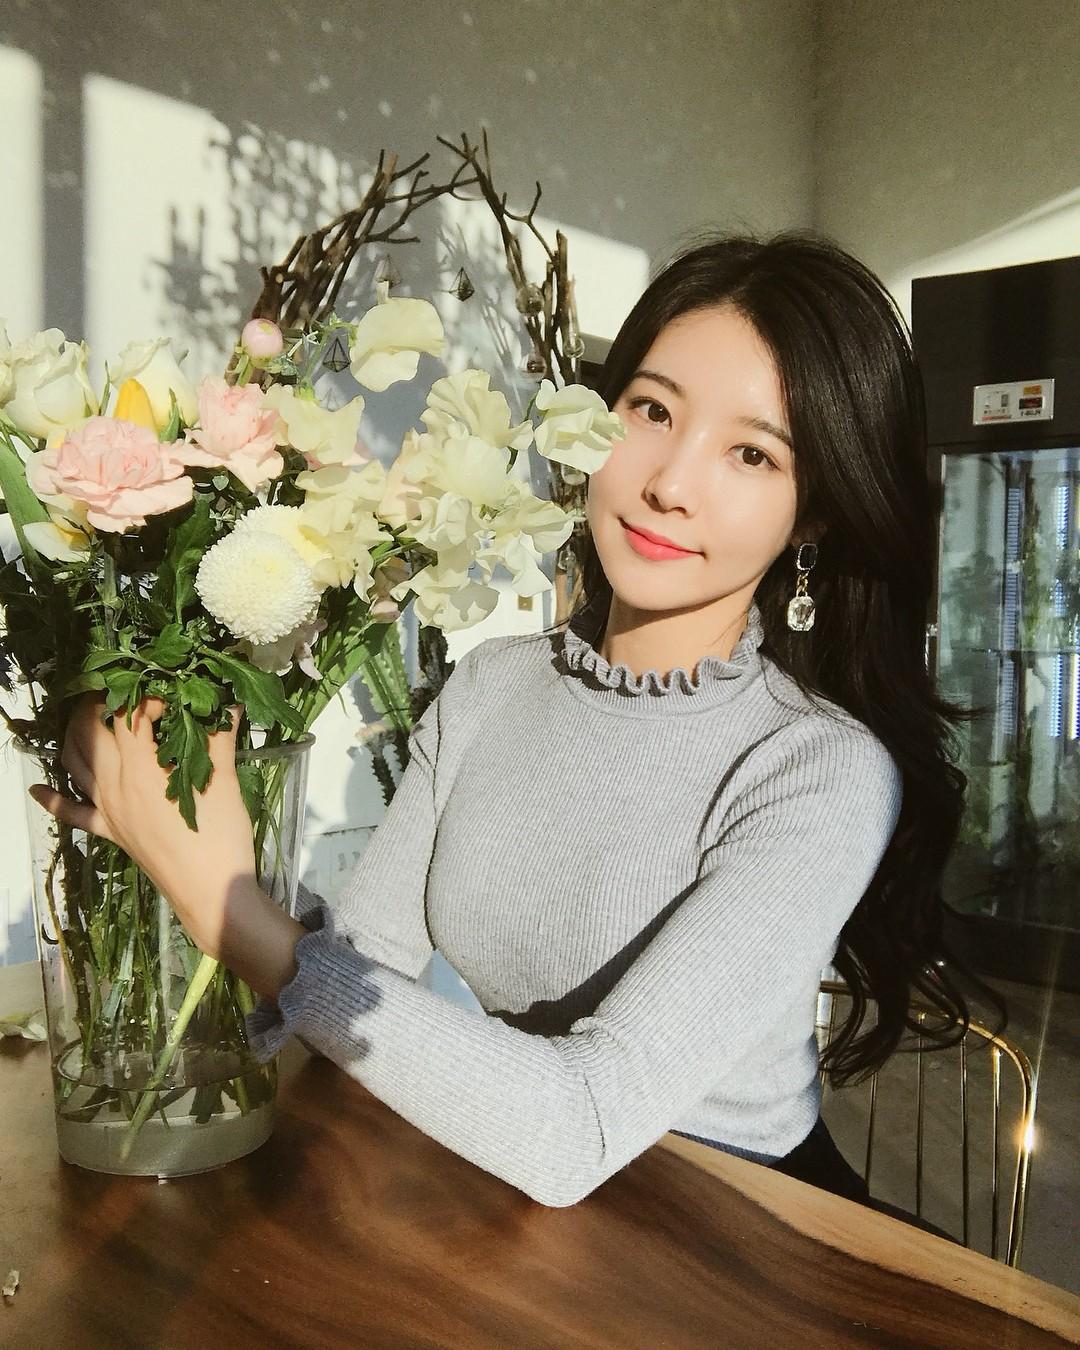 goeun.flower_29416579_444042412719823_2082734039600463872_n